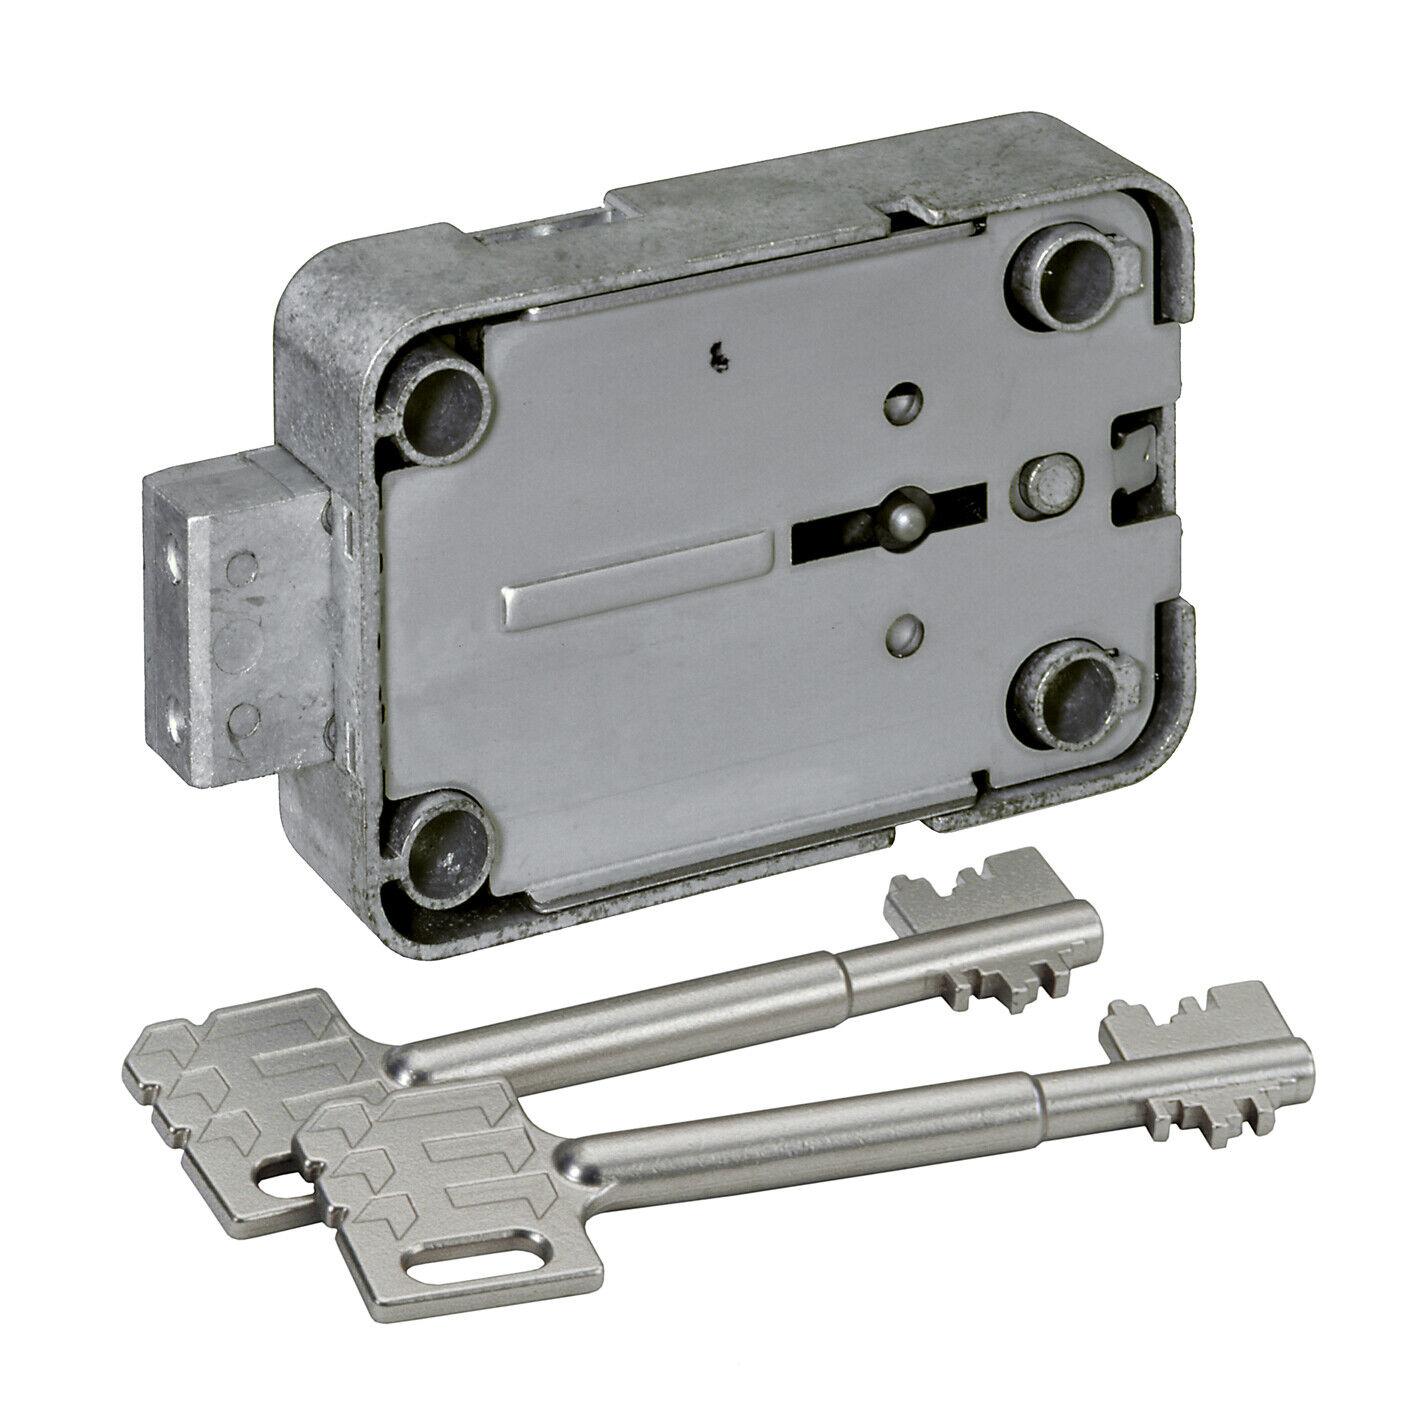 Tresorschloss MAUER 71111 VdS Kl.I inkl. Doppelbartschlüssel 90 mm